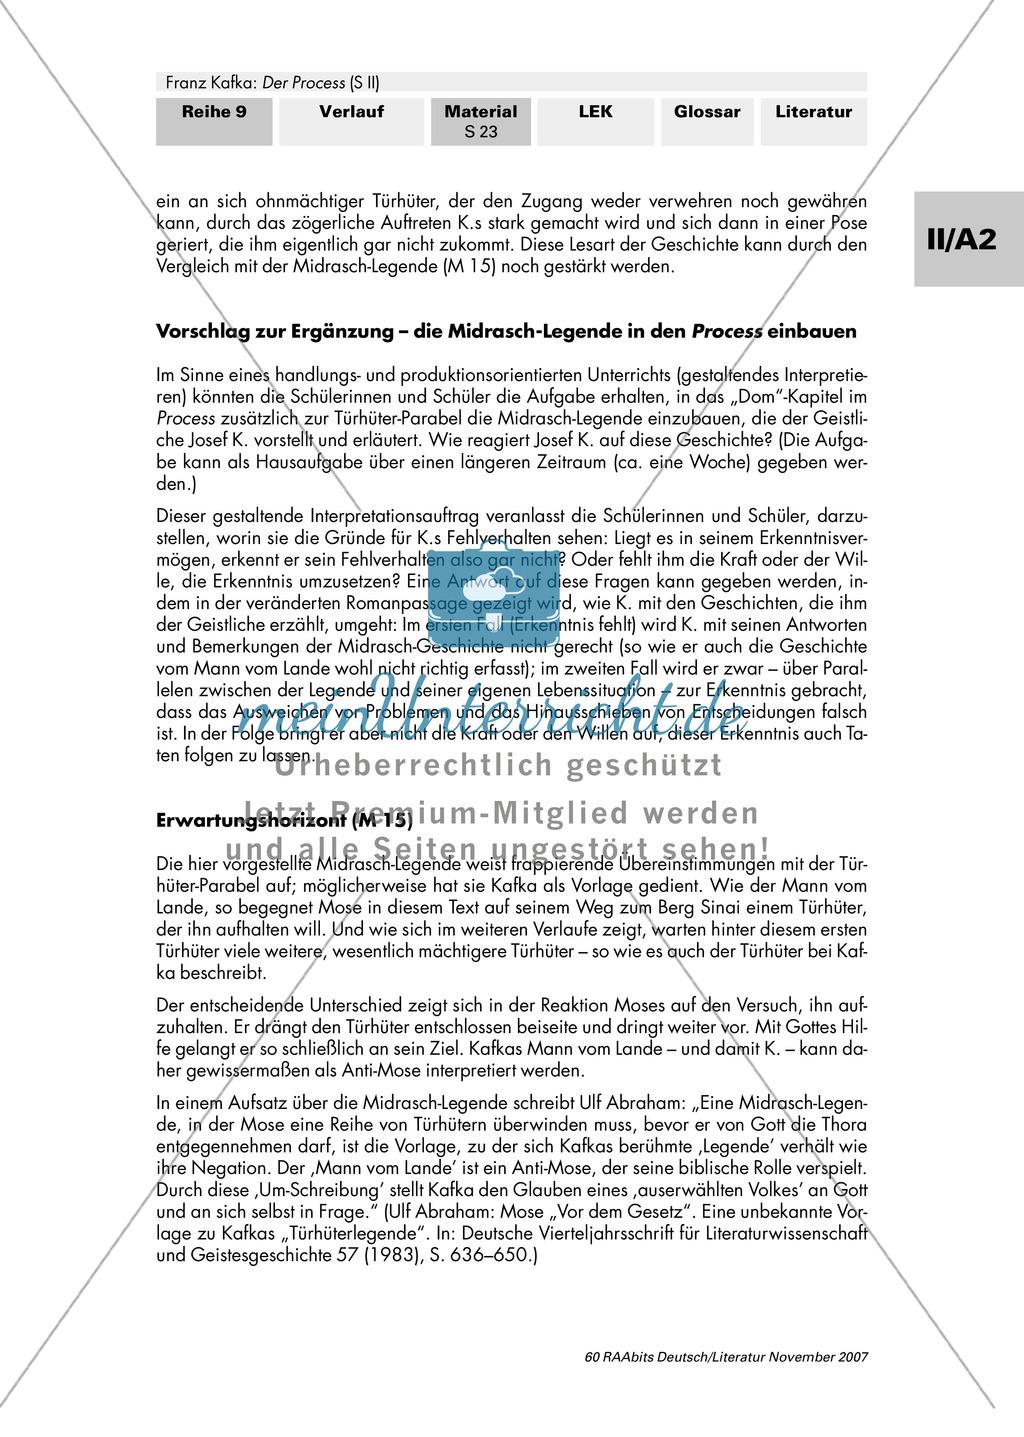 """Franz Kafka """"Der Process"""": Interpretation durch Inszenierung - Verschiedene Deutungsvarianten der Parabel """"Vor dem Gesetz"""" Preview 3"""